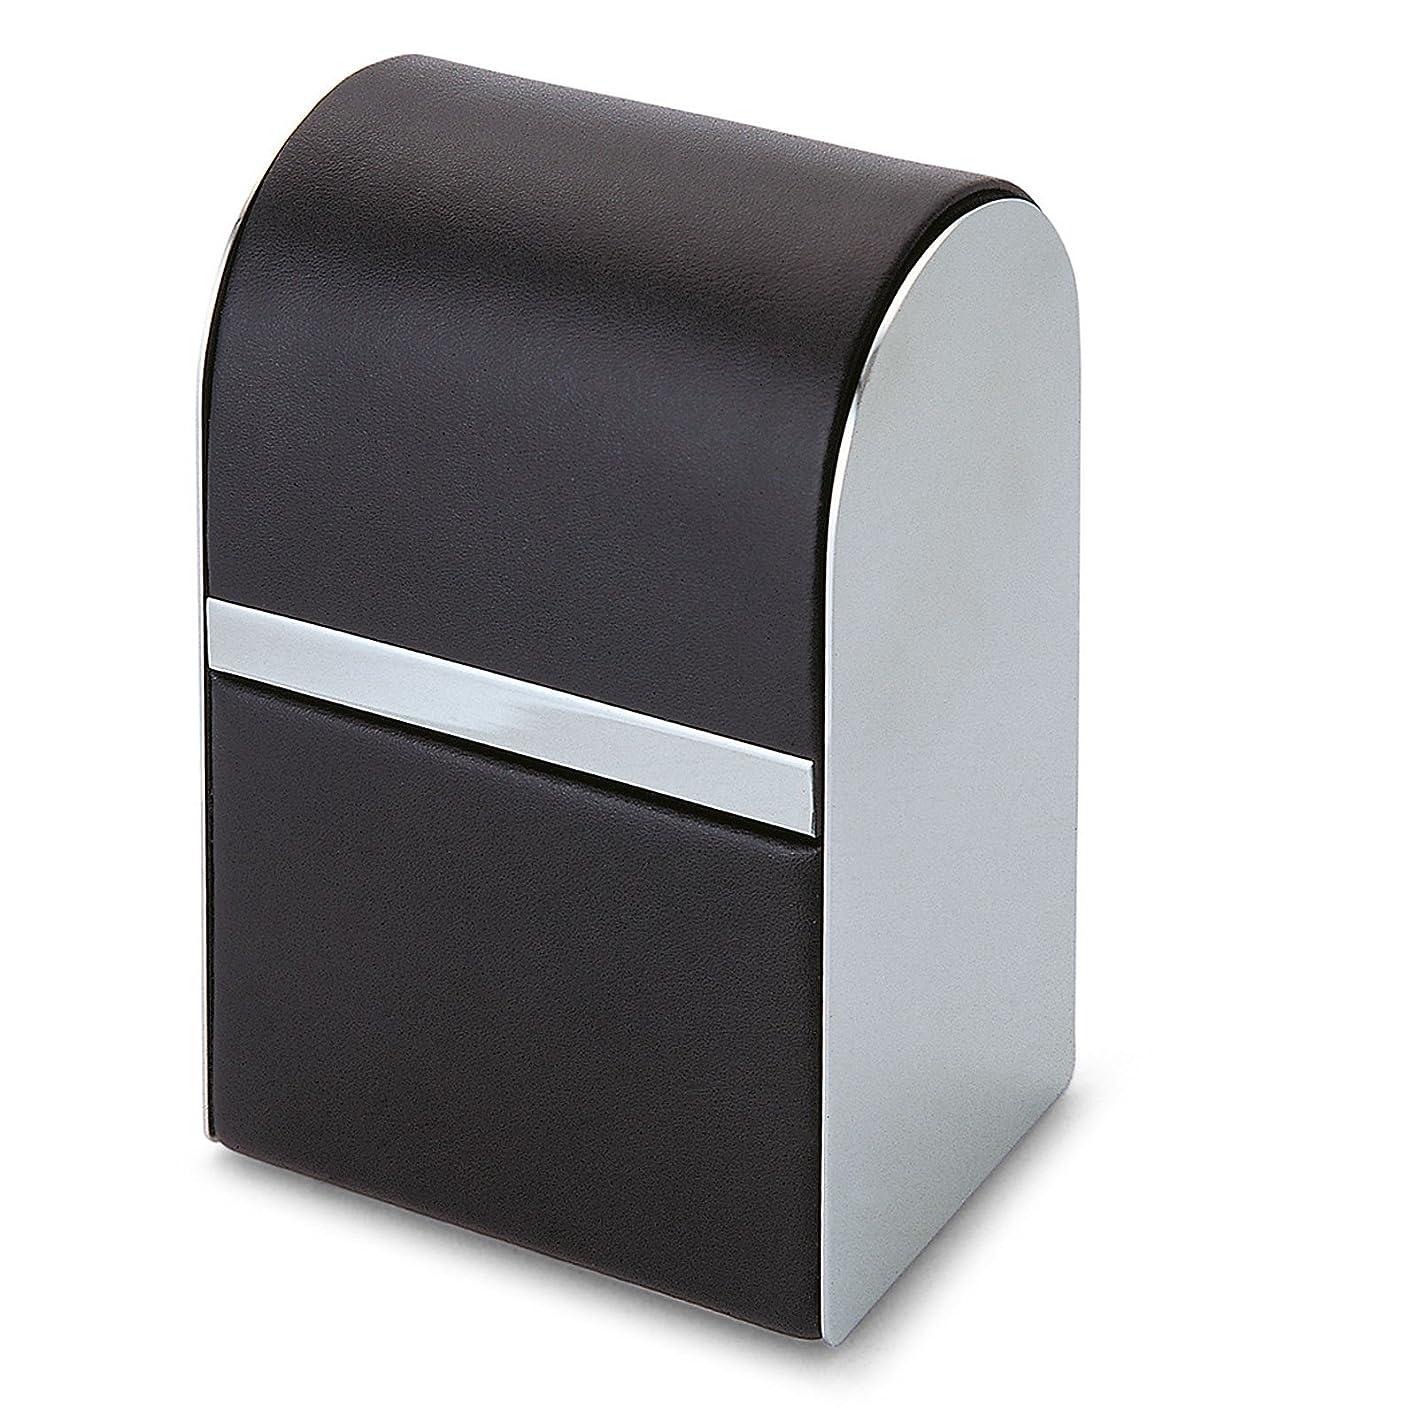 マトロンバング髄Philippi Giorgio メンズ身だしなみキット 7pcsセット leather stainless polished